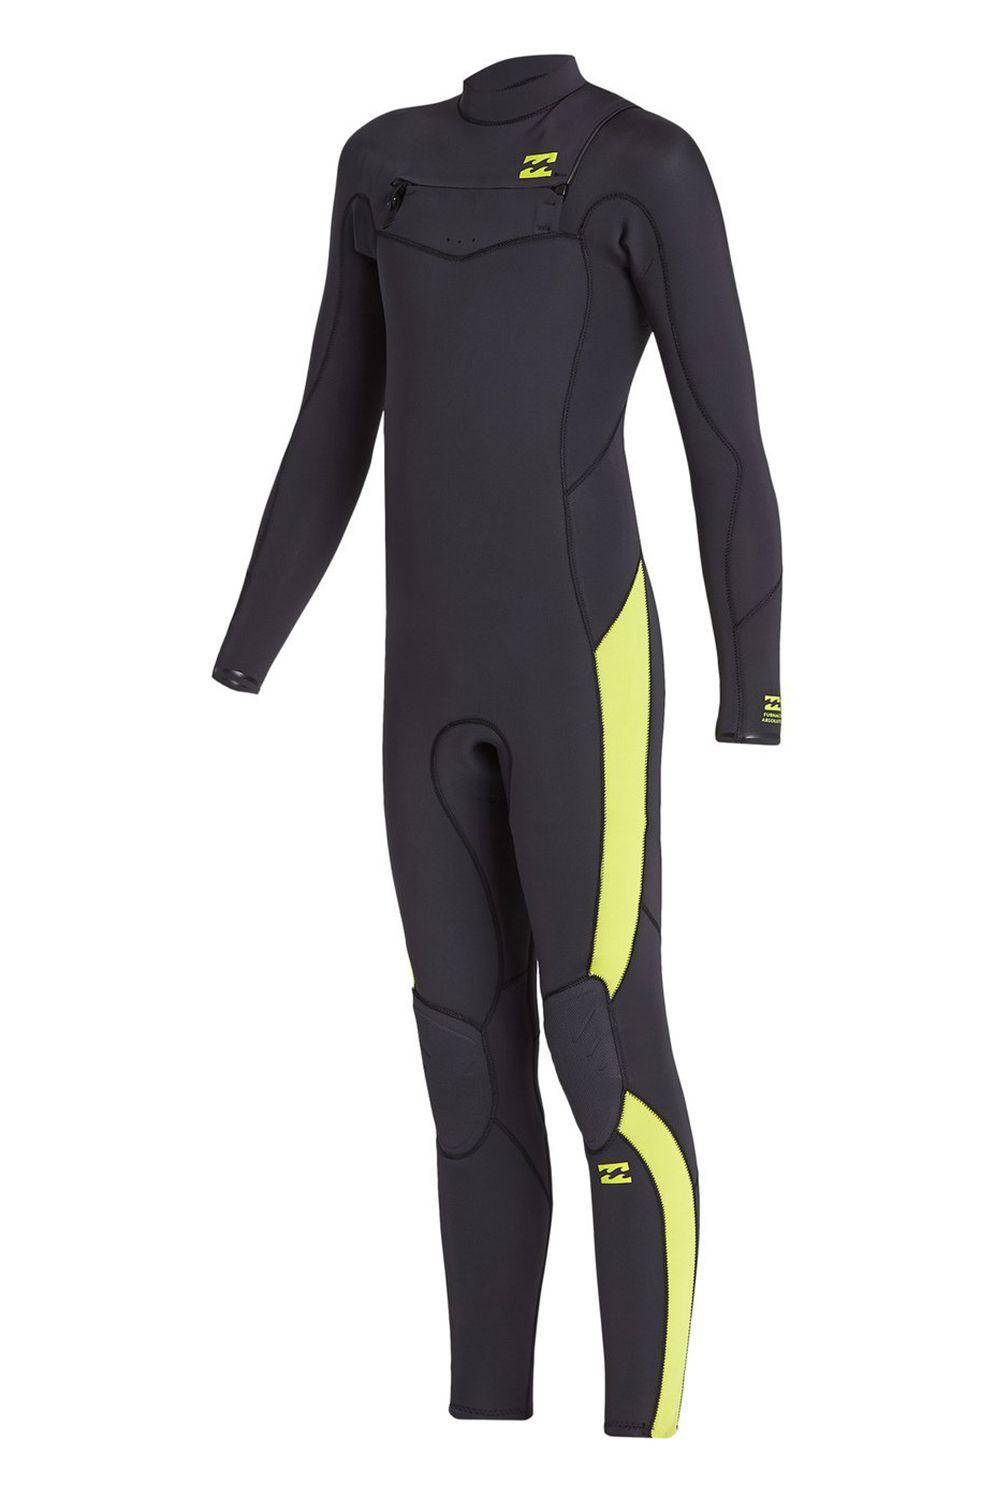 Billabong Wetsuit 302 FURN ABS CZ GBS Neon Green